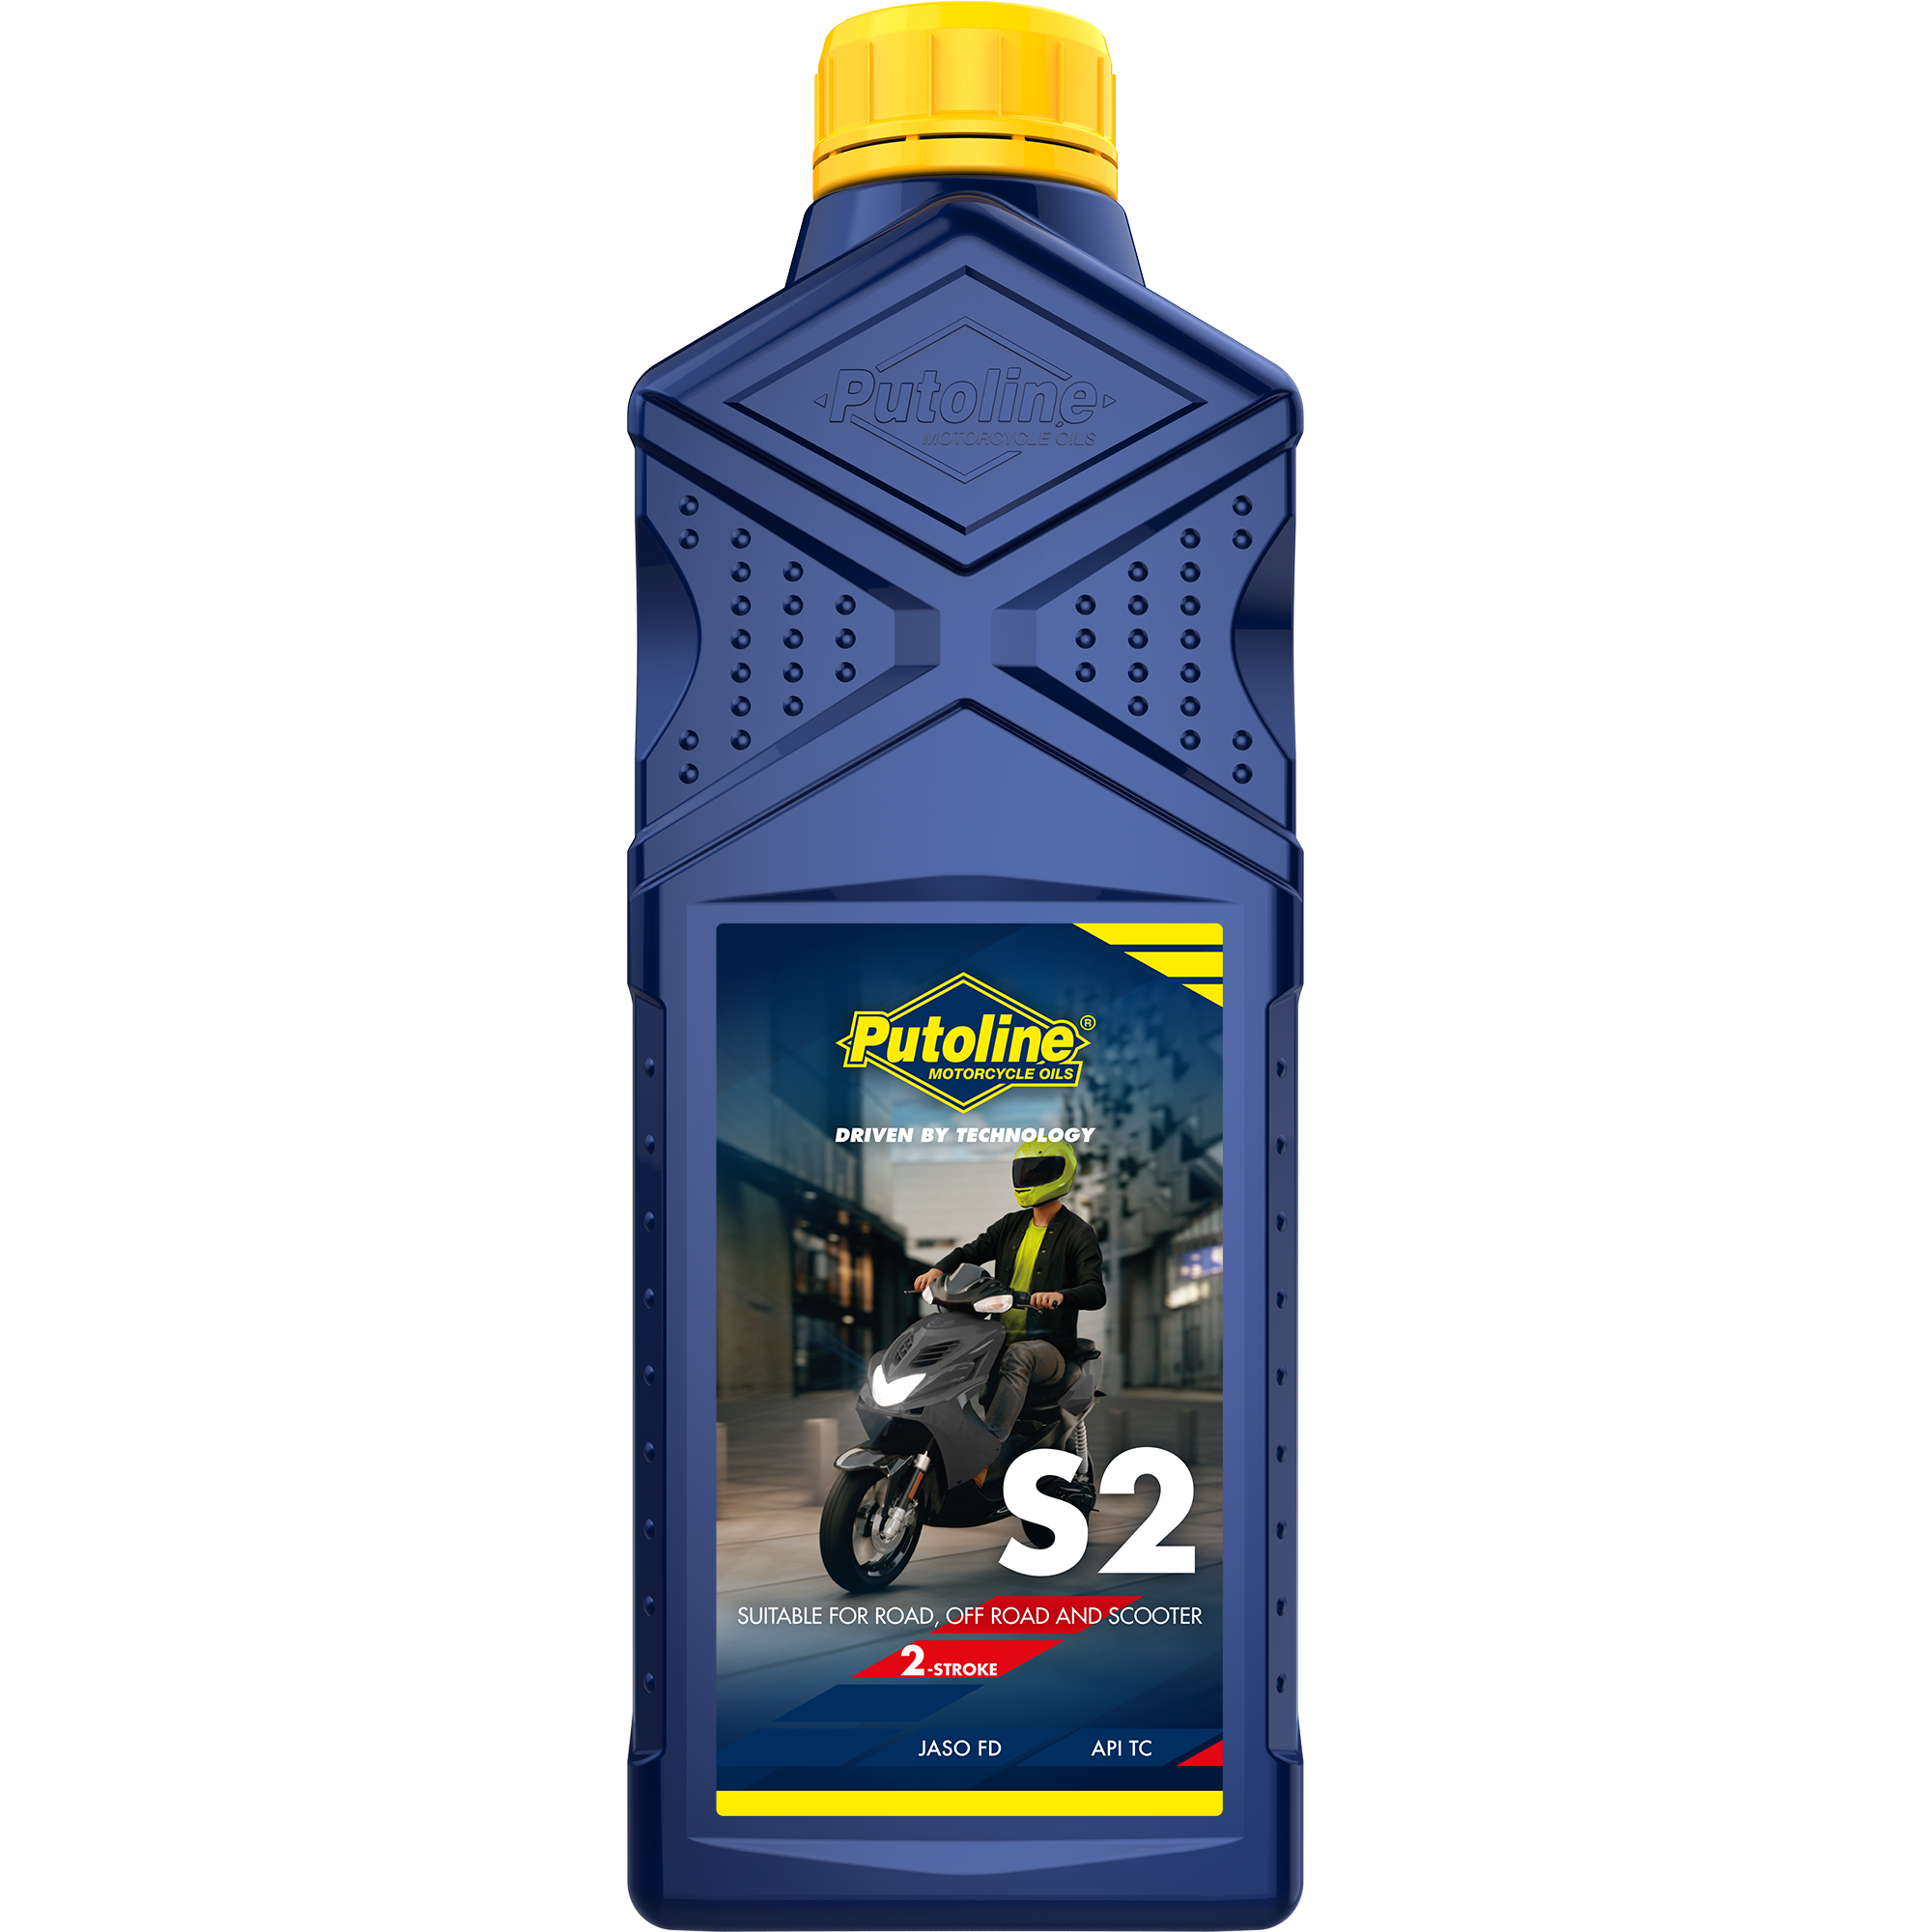 Putoline Motoröl S2 1L